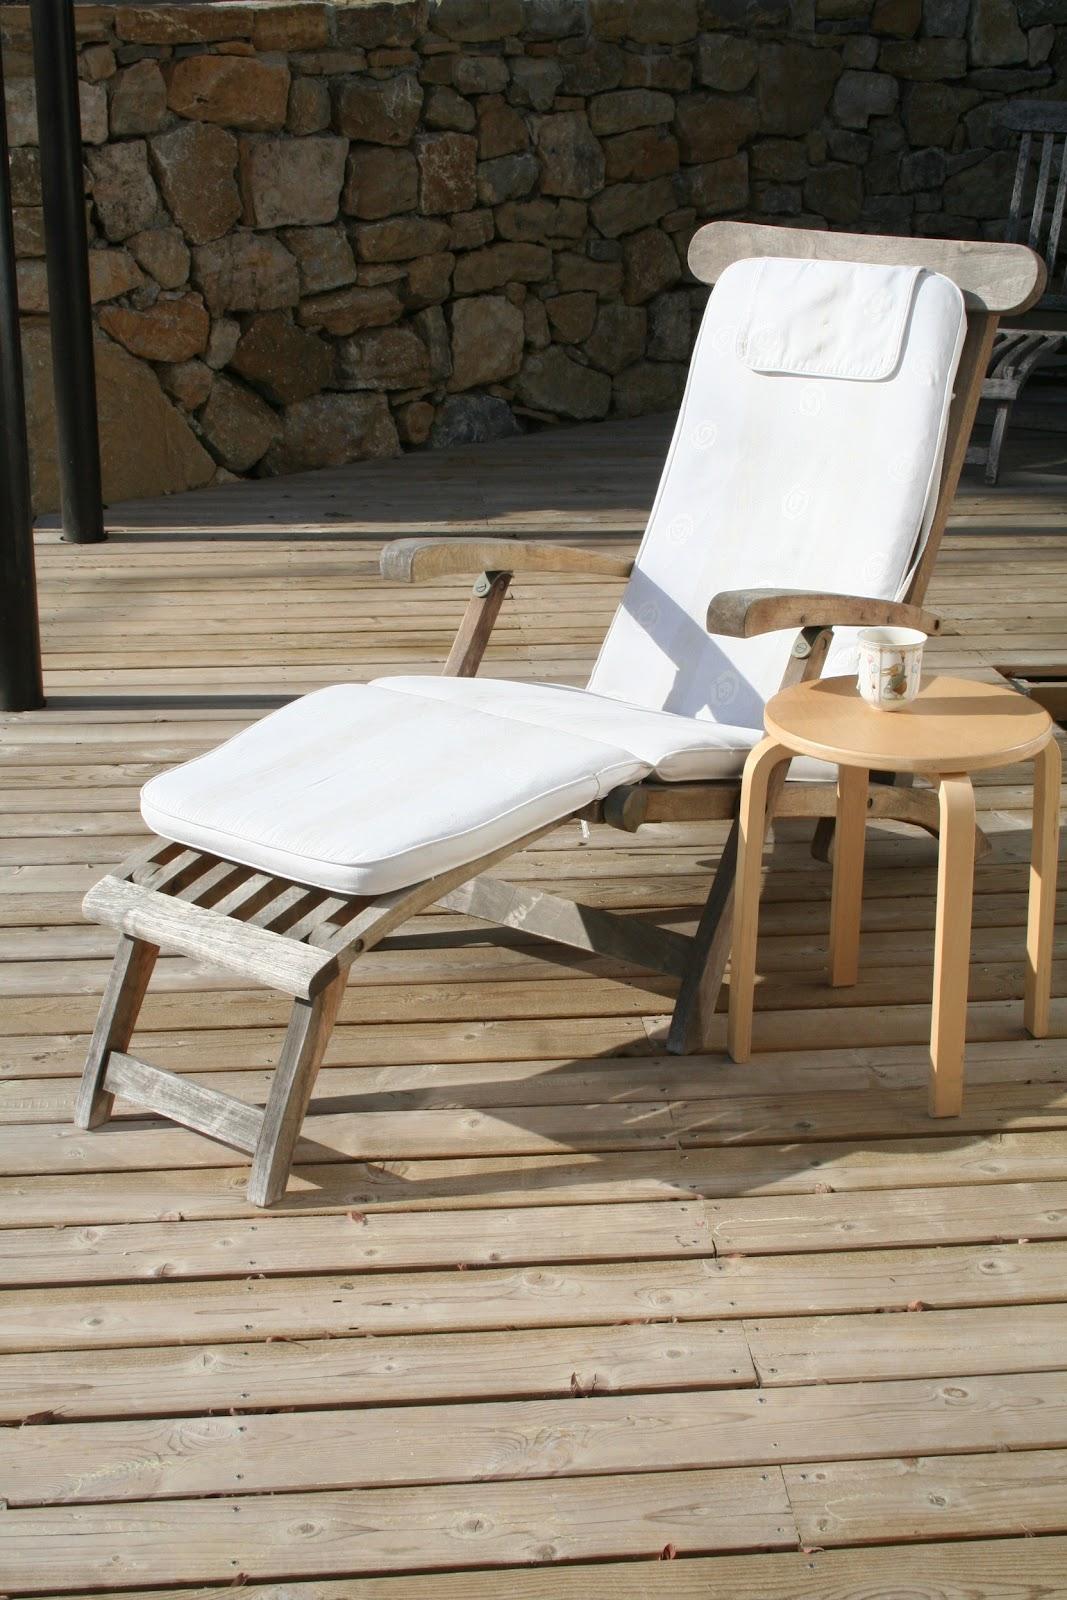 Construire sa terrasse en lames de bois sur lambourdes et plots de